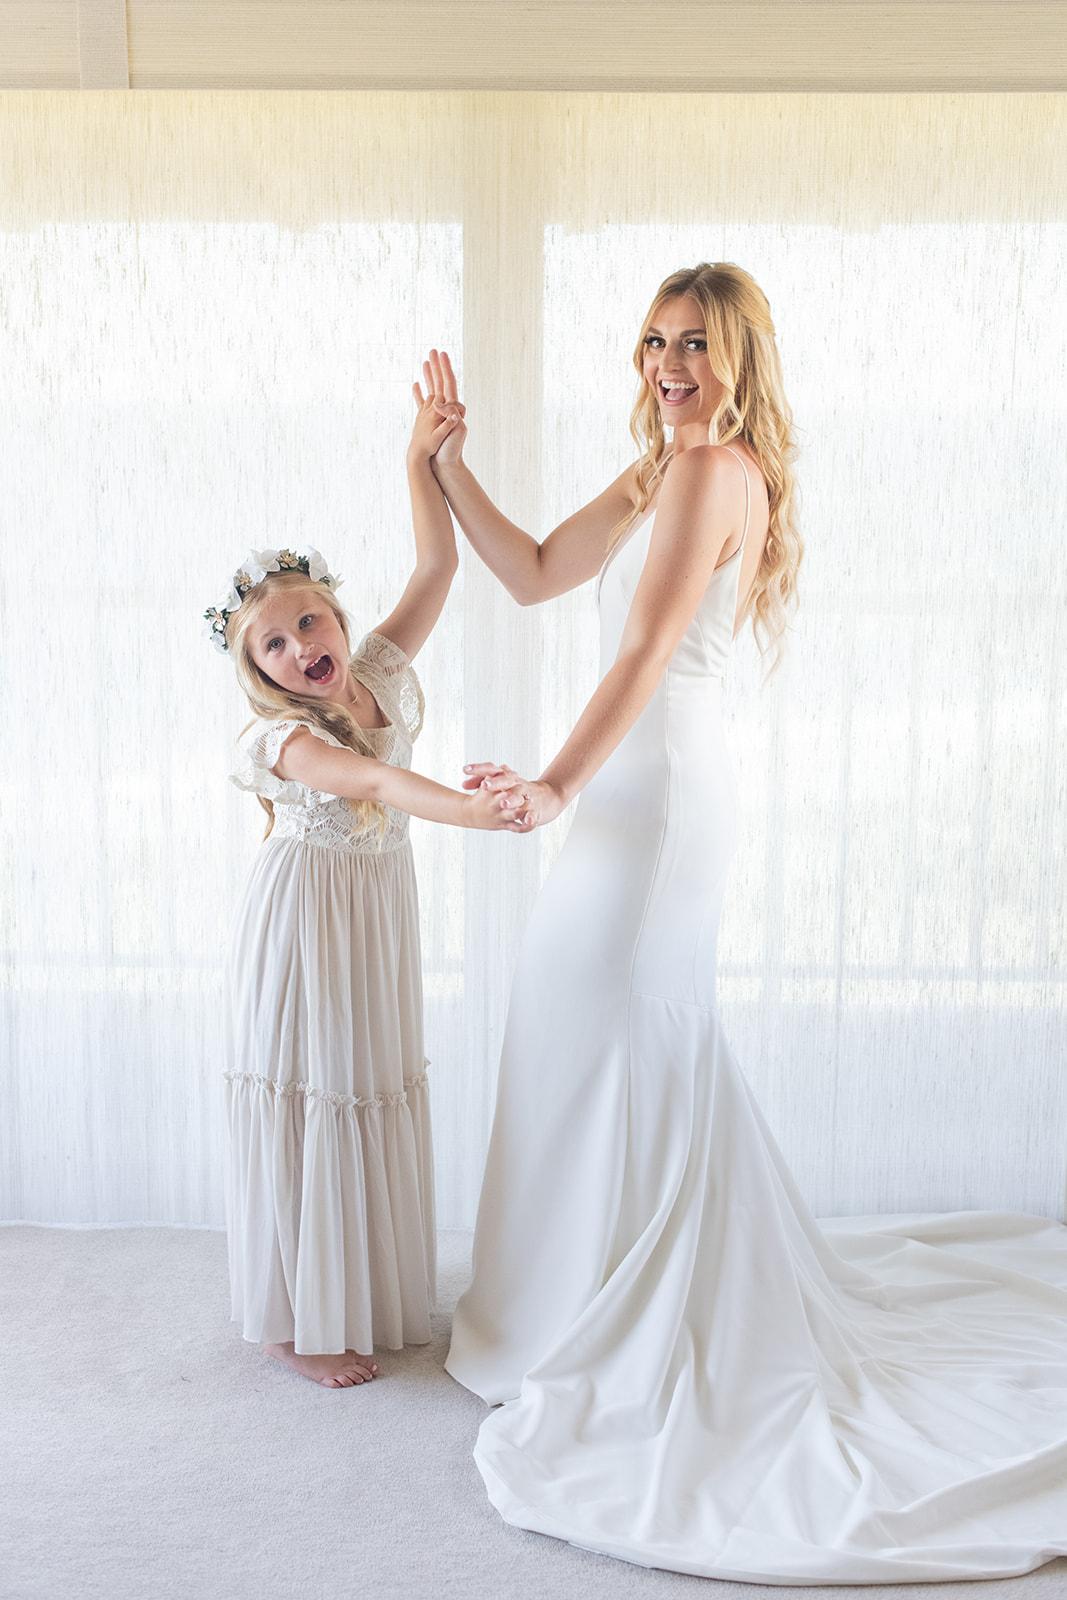 bride and flower girl spokane